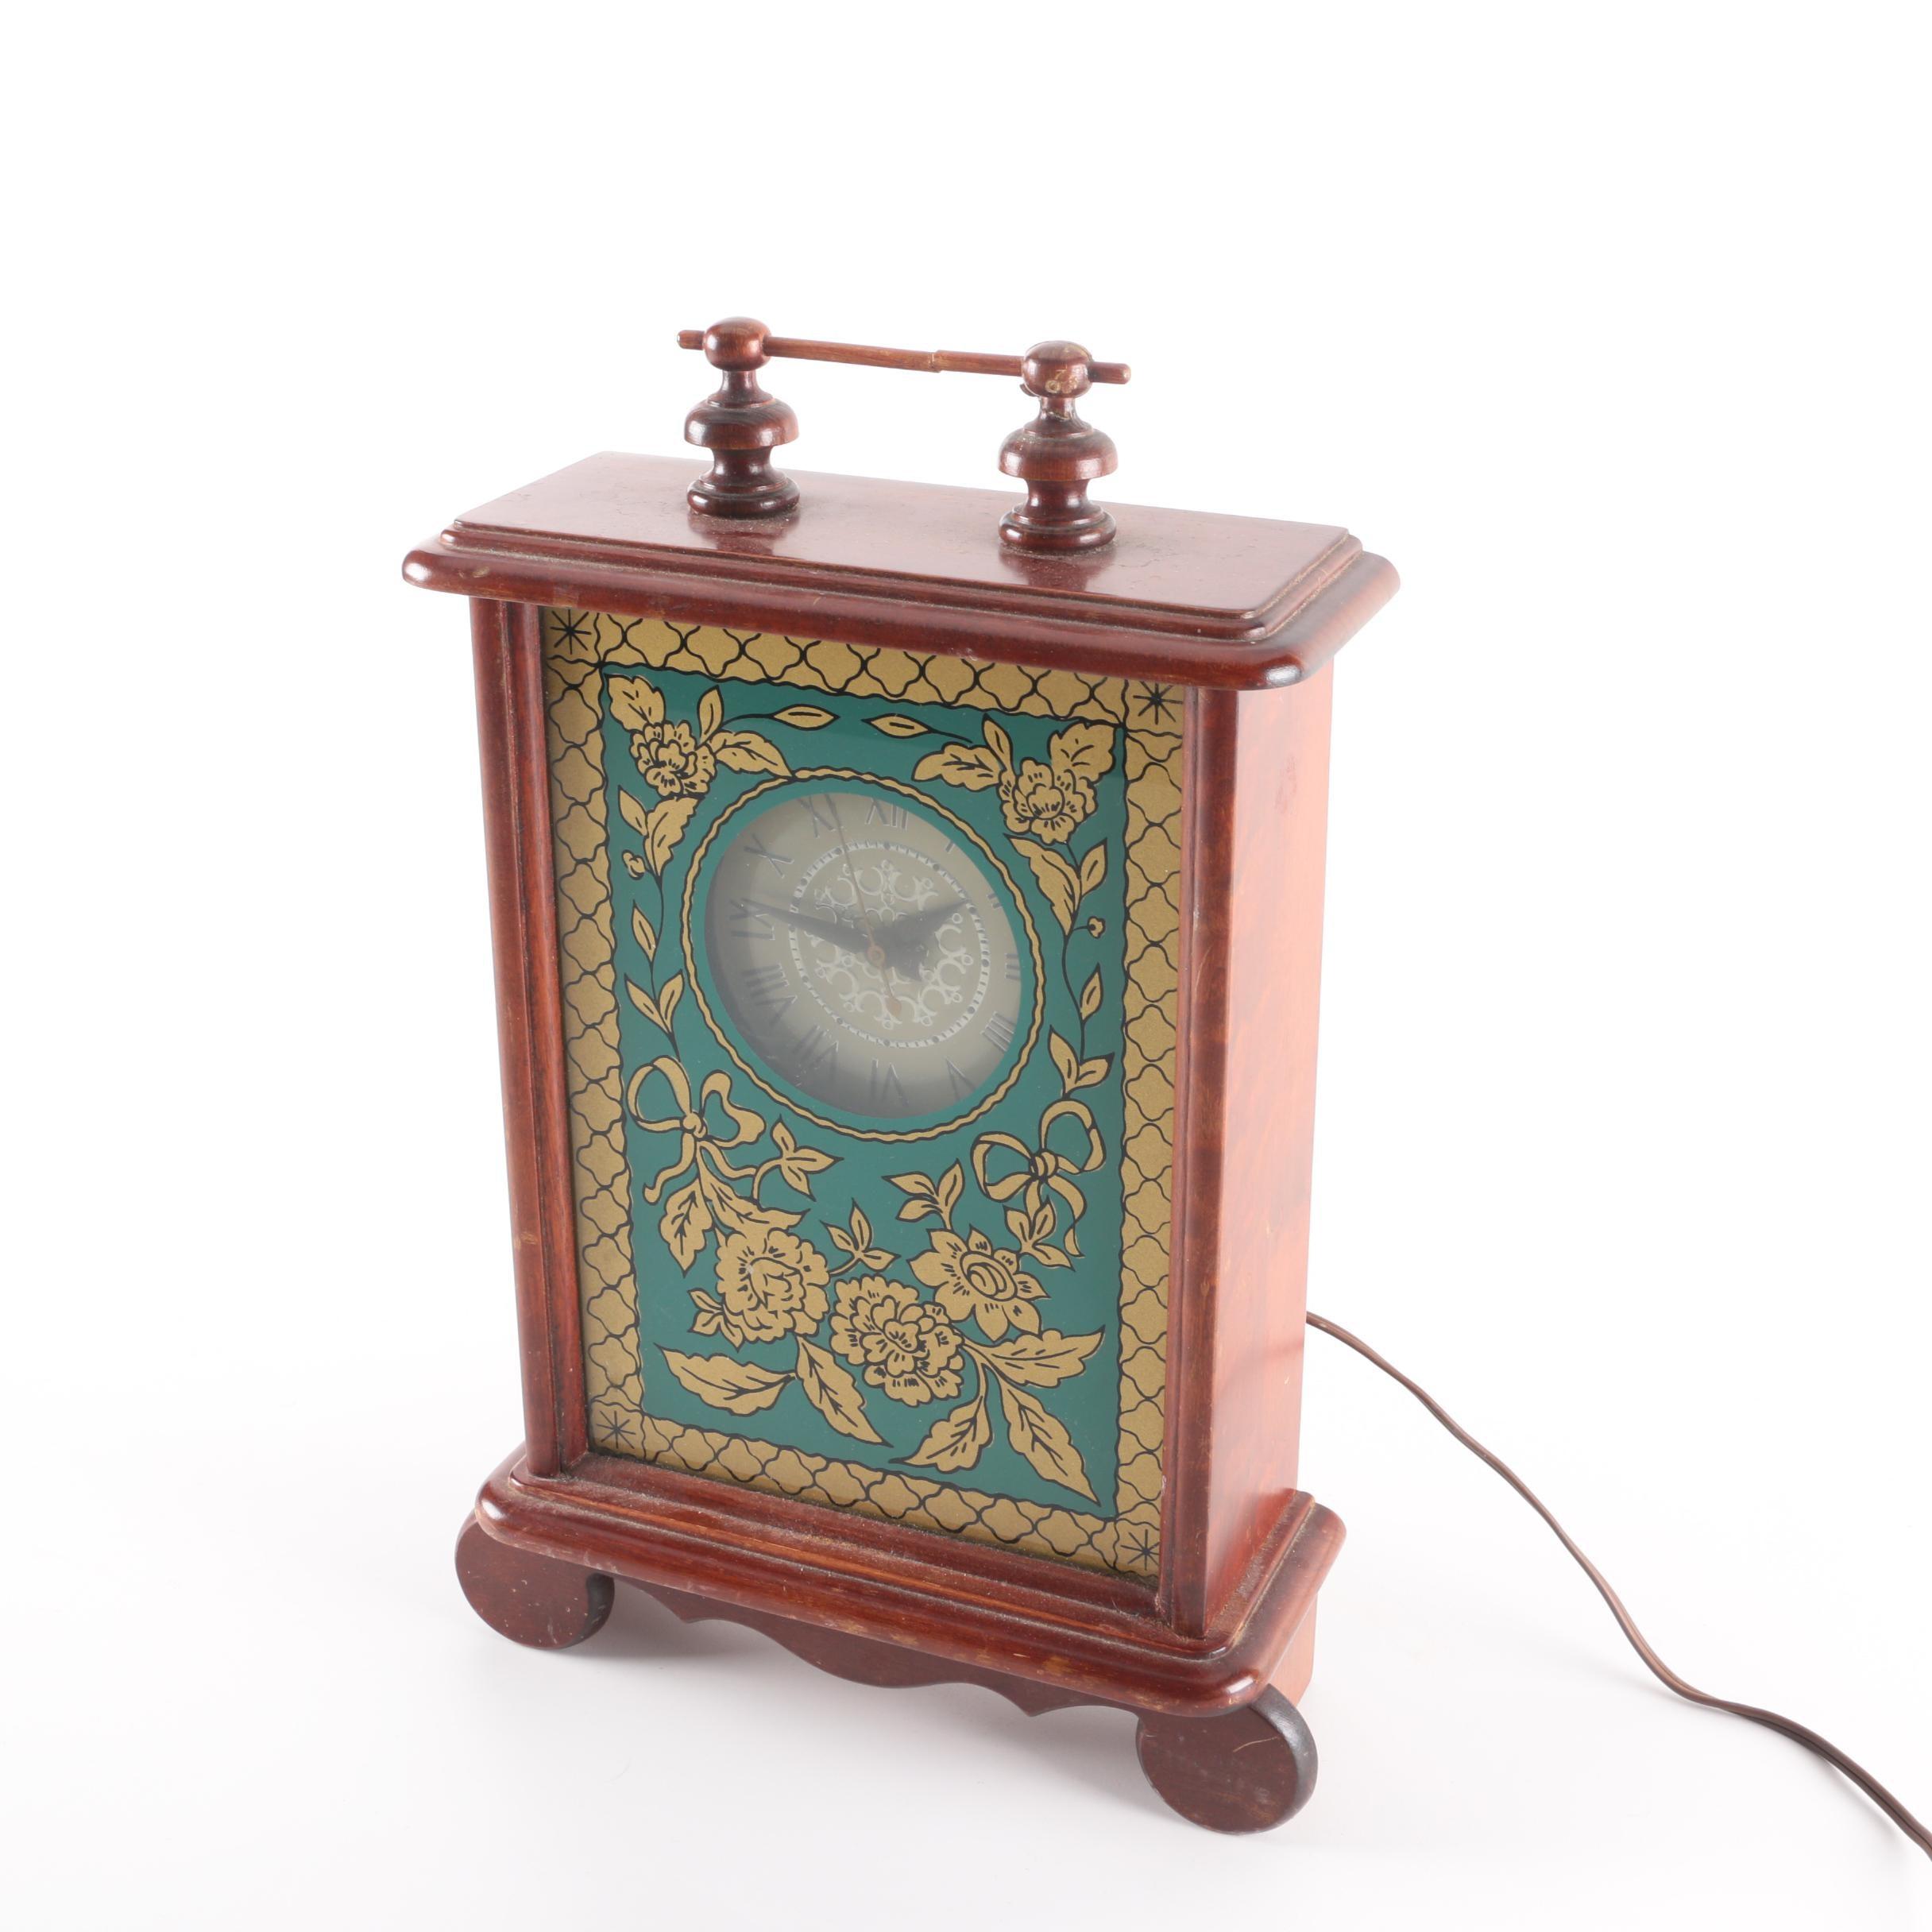 Carl Forslund American Mantel Clock